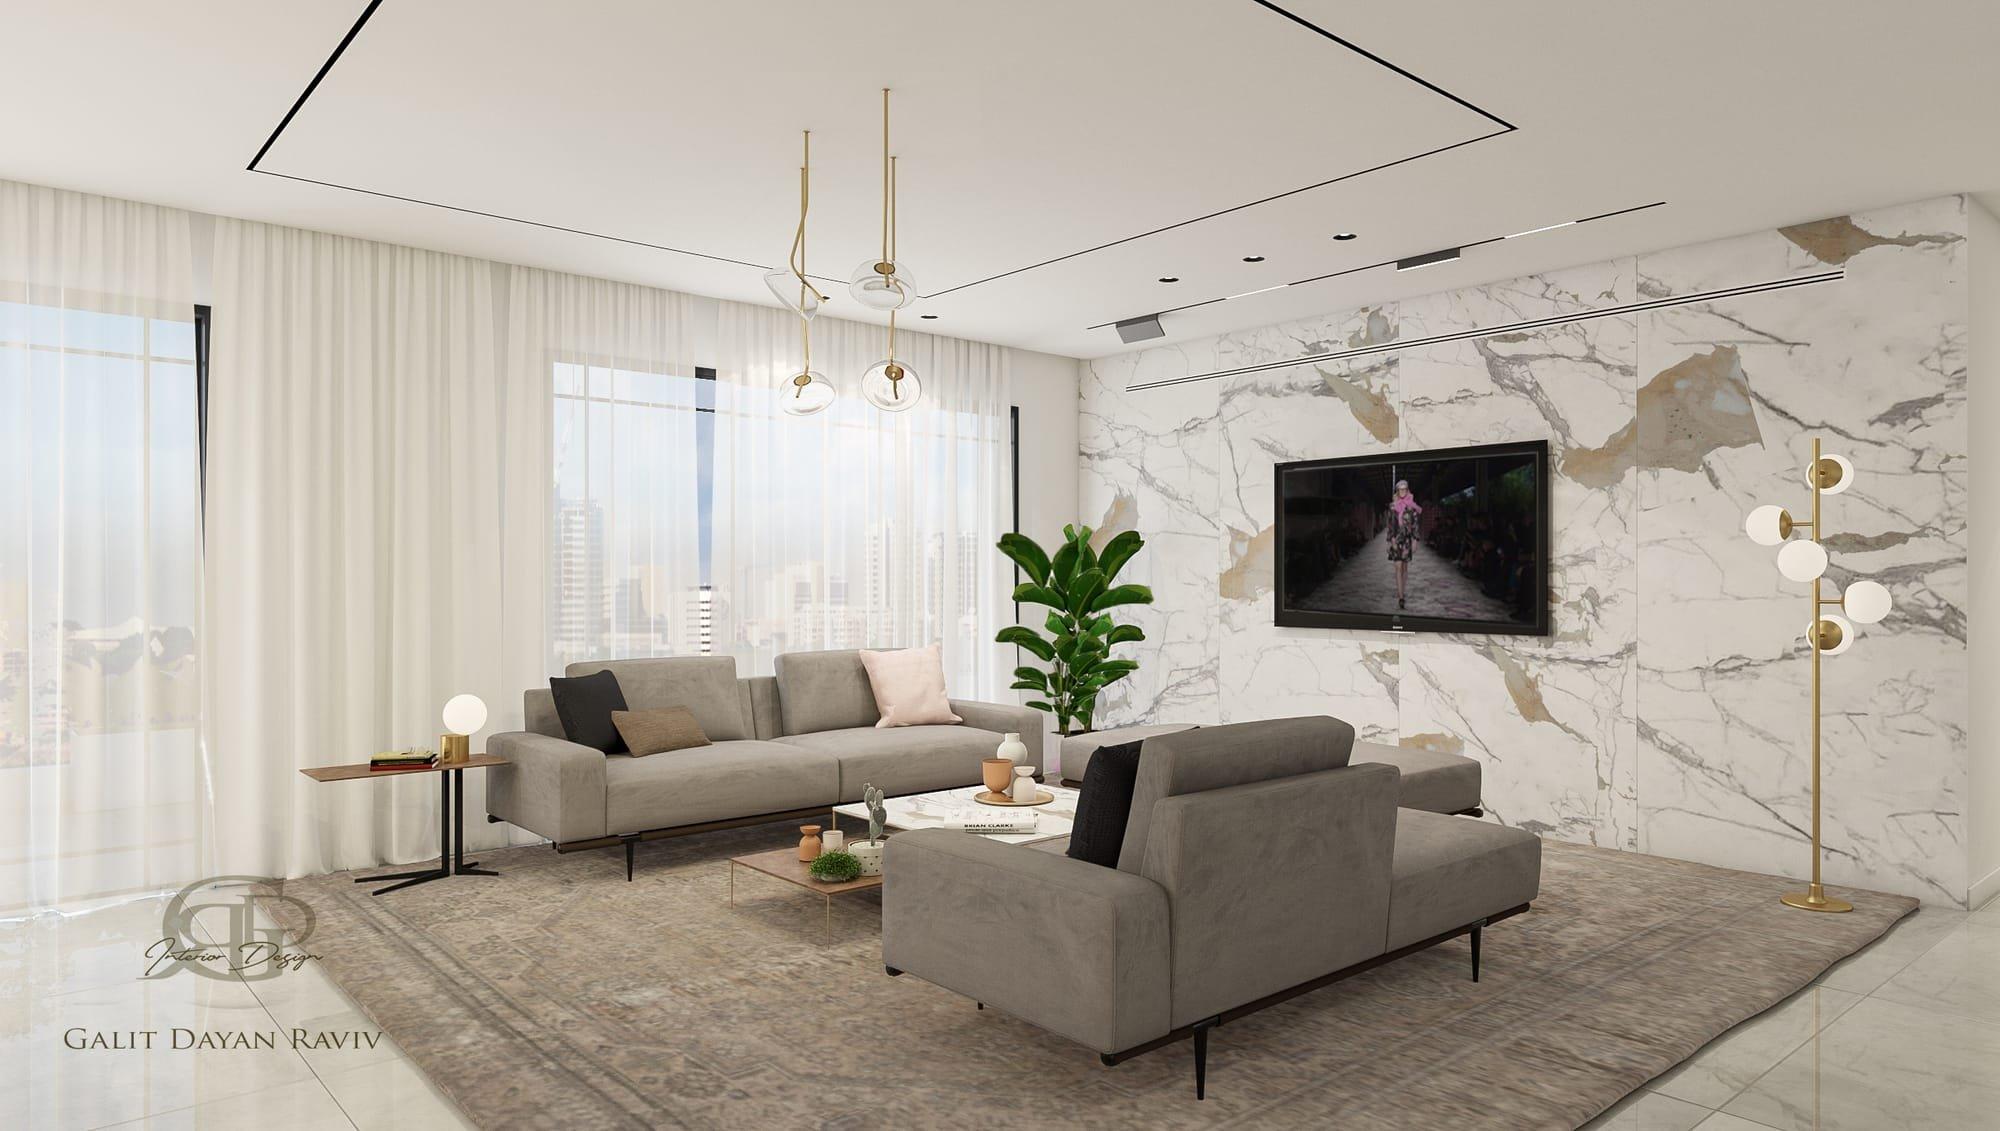 עיצוב סלון חיפוי קיר טלויזיה בשיש